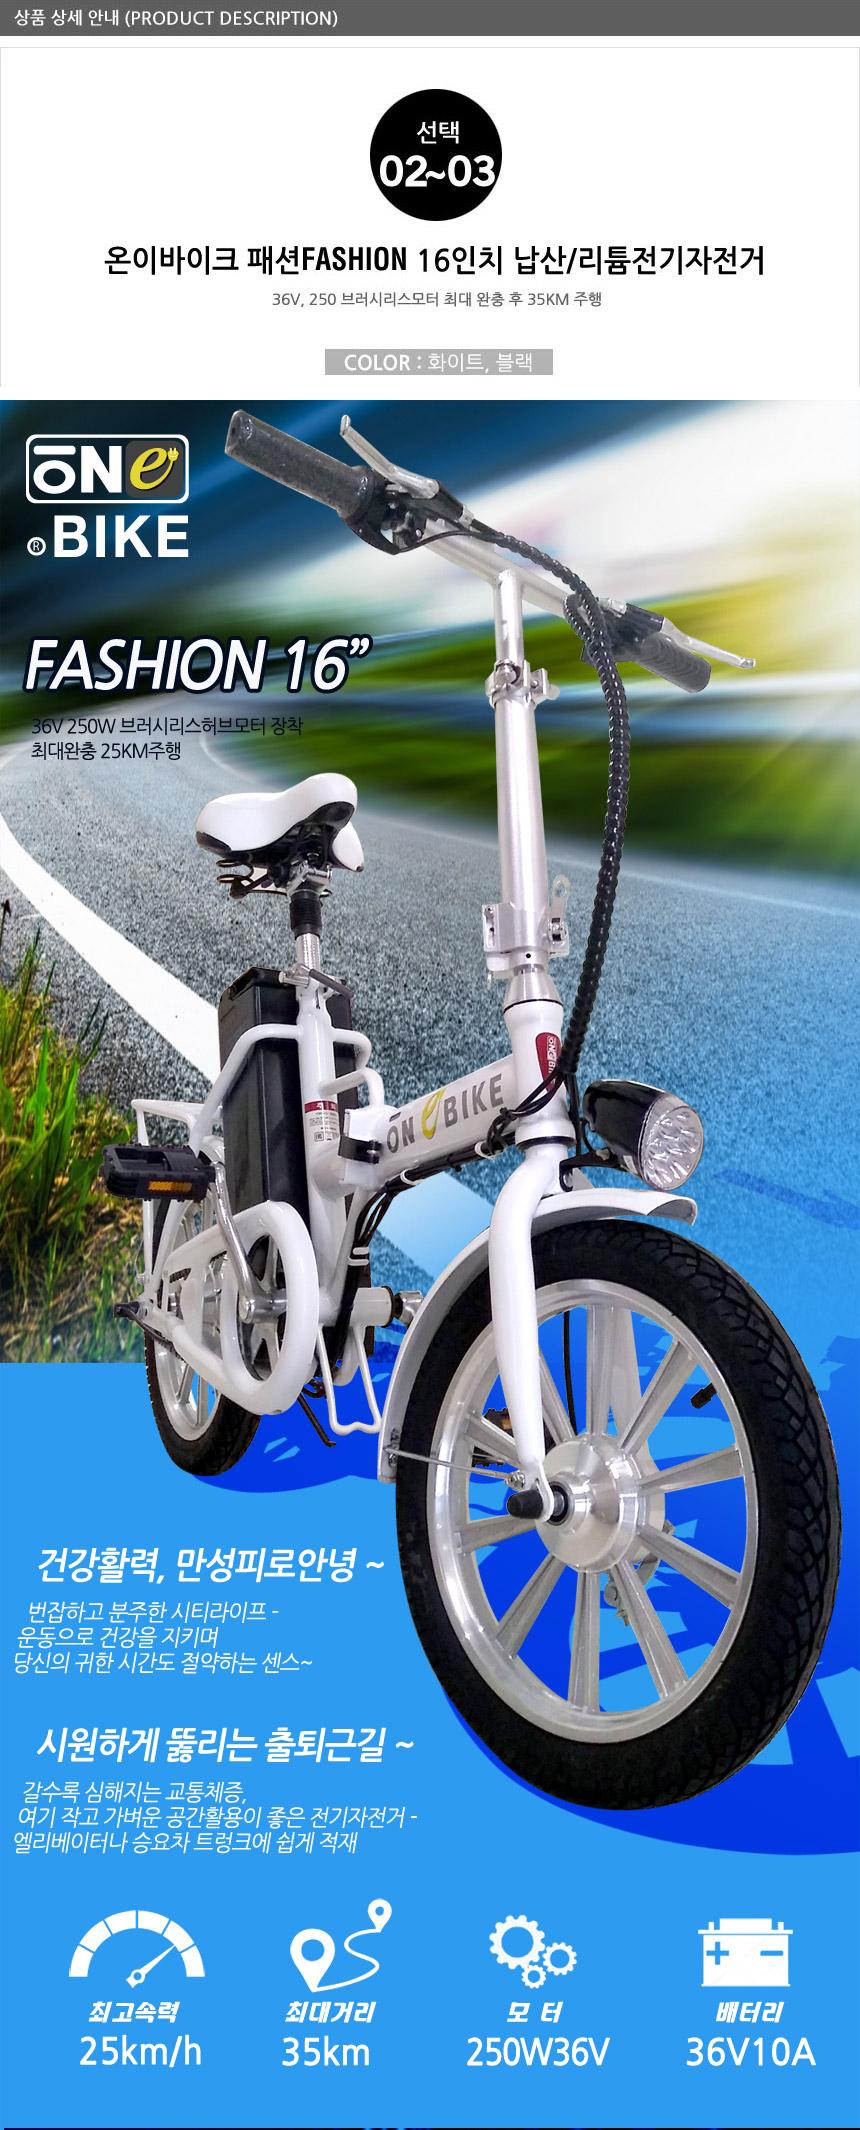 전기자전거,전동휠,투휠,전동스쿠터,전동자전거,퍼스널모빌리티,스마트모빌리티,나인봇,샤오미,자전거,레저,운동,외출,출근,쇼핑